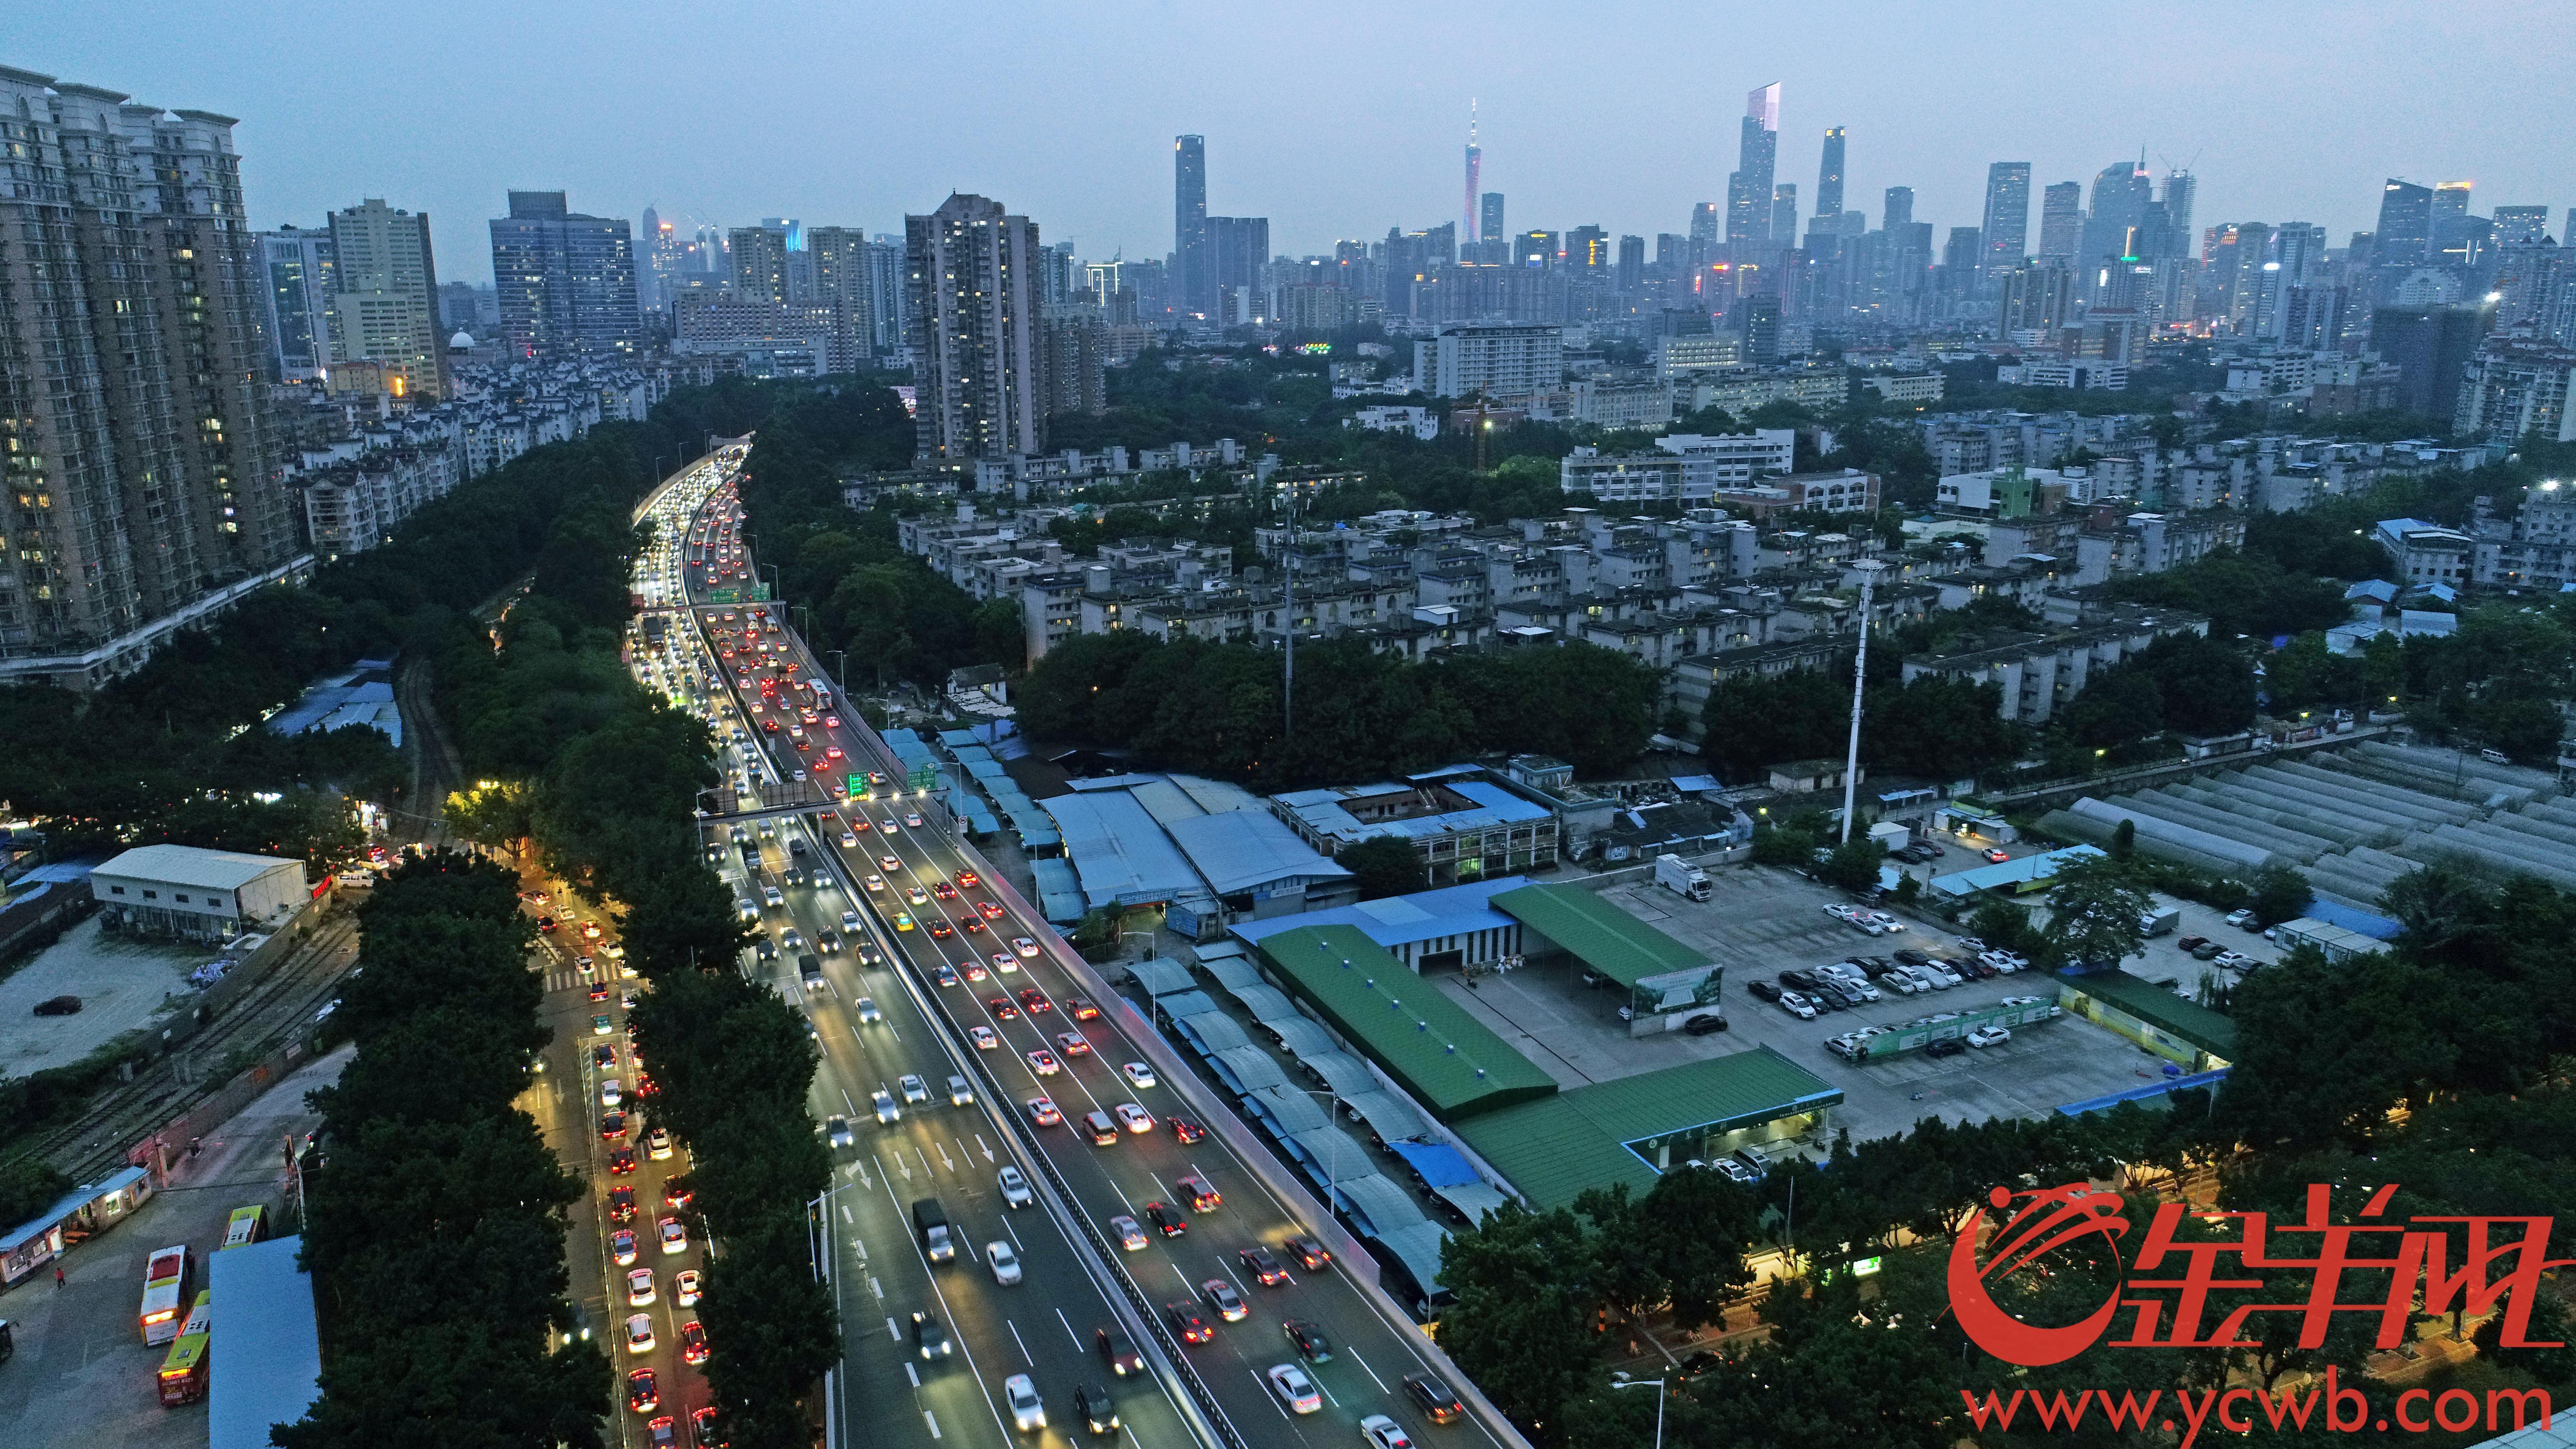 9月18日傍晚广州华南快速干线大塞车。今天年中秋节假期放假时间为9月19日至21日。 图/羊城晚报全媒体记者 邓勃